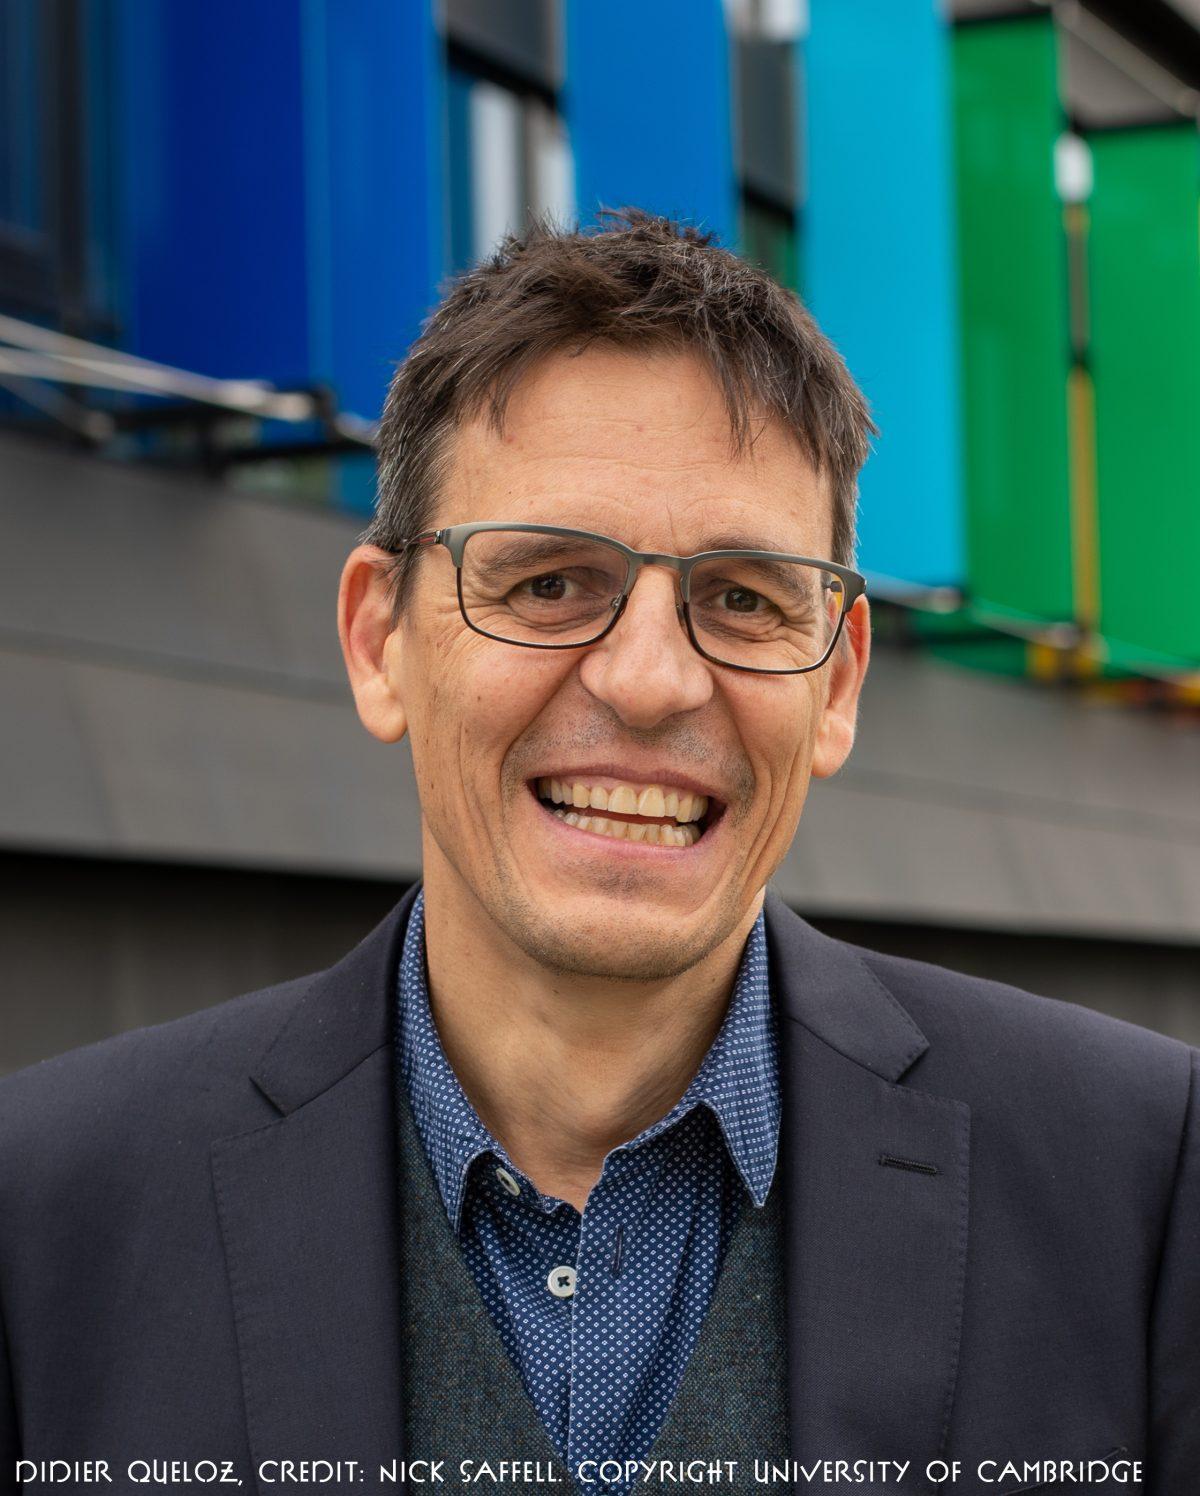 ヴディディエ・ケロー氏(ノーベル物理学賞2019)ノーベル賞の報告の一時間後